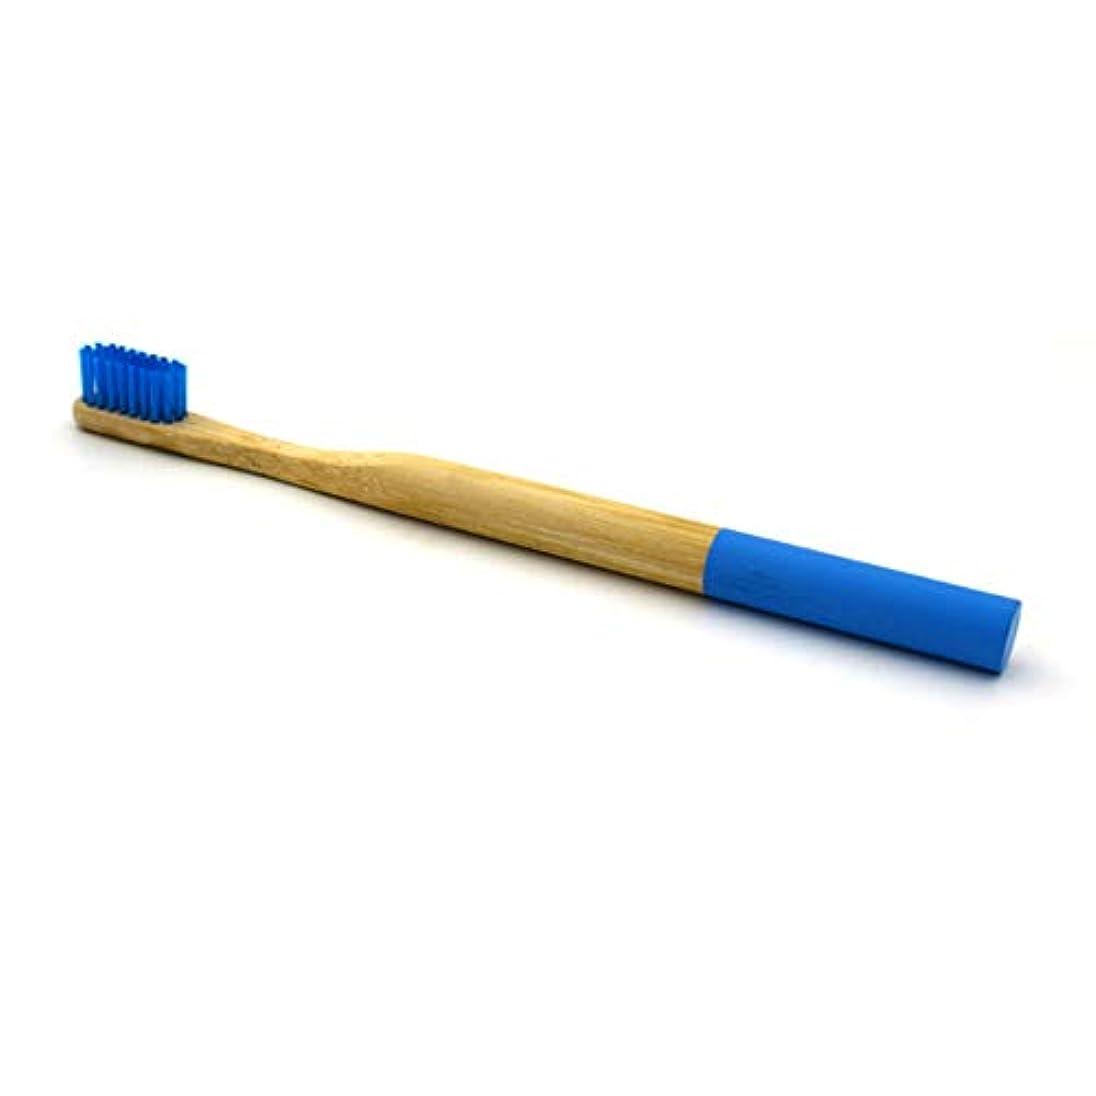 倫理的厚さ女優SUPVOX 柔らかい毛の丸いハンドル付きの天然竹歯ブラシ